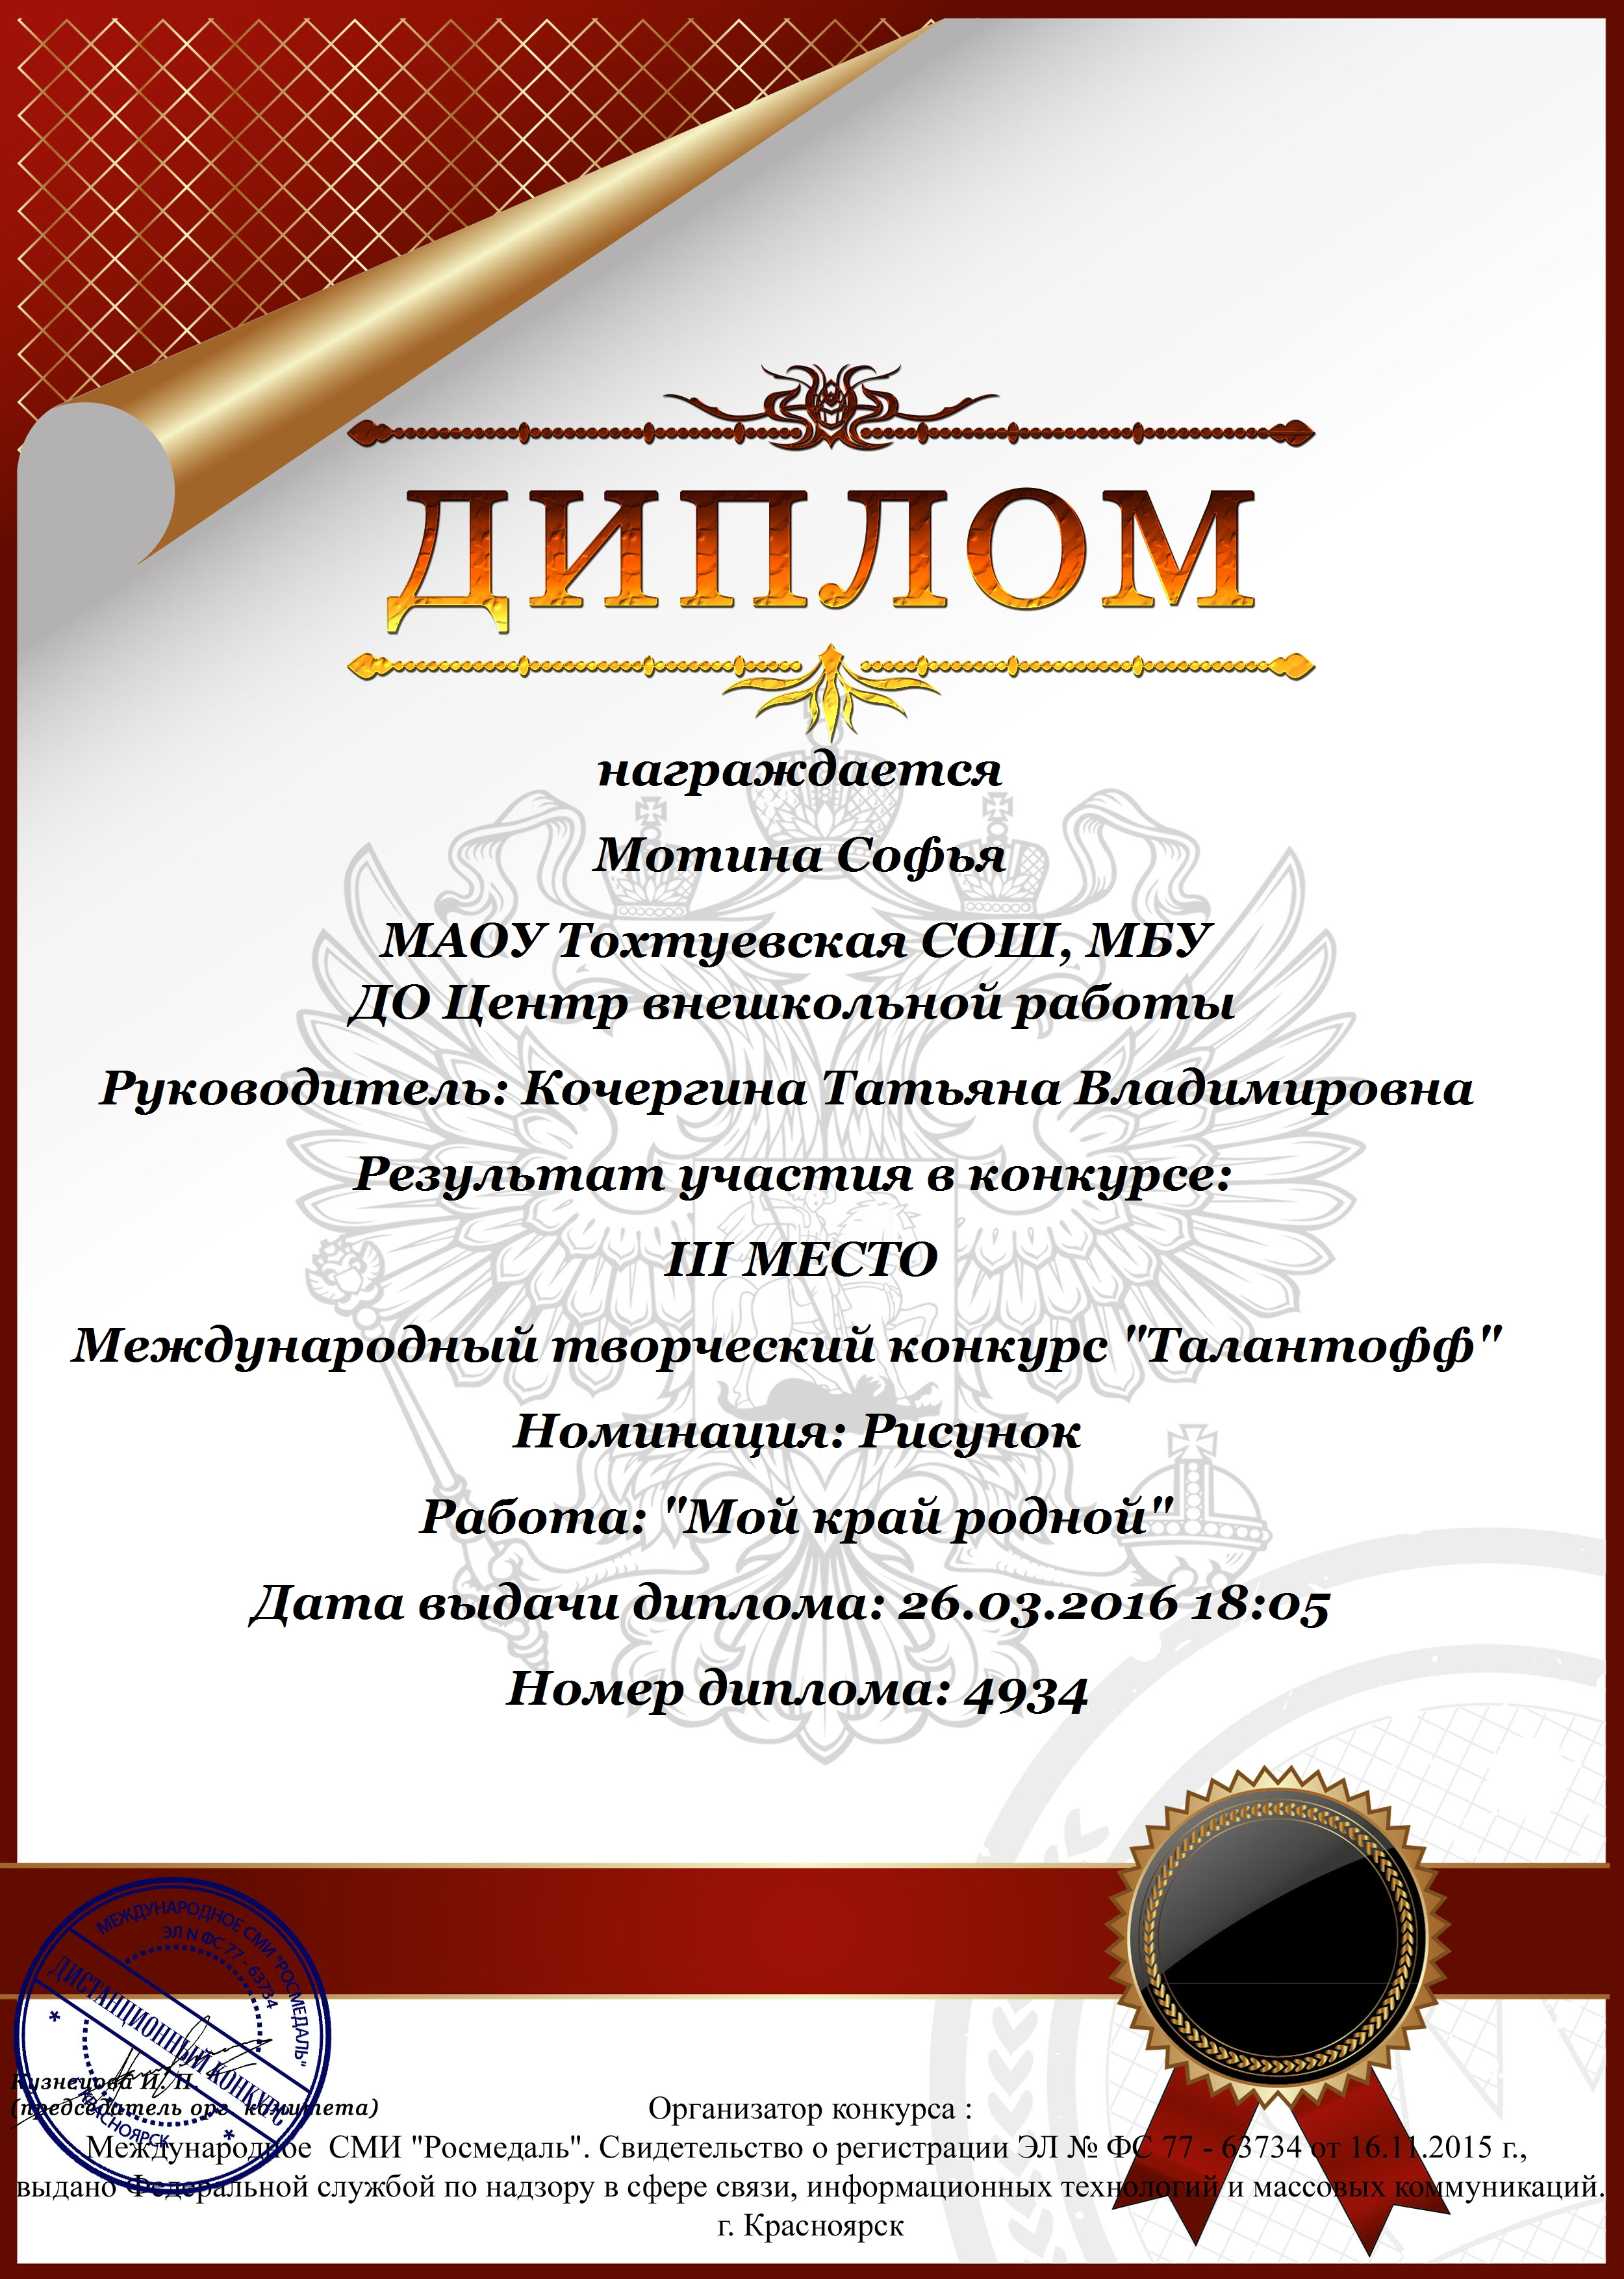 Лауреат конкурса им сафонова